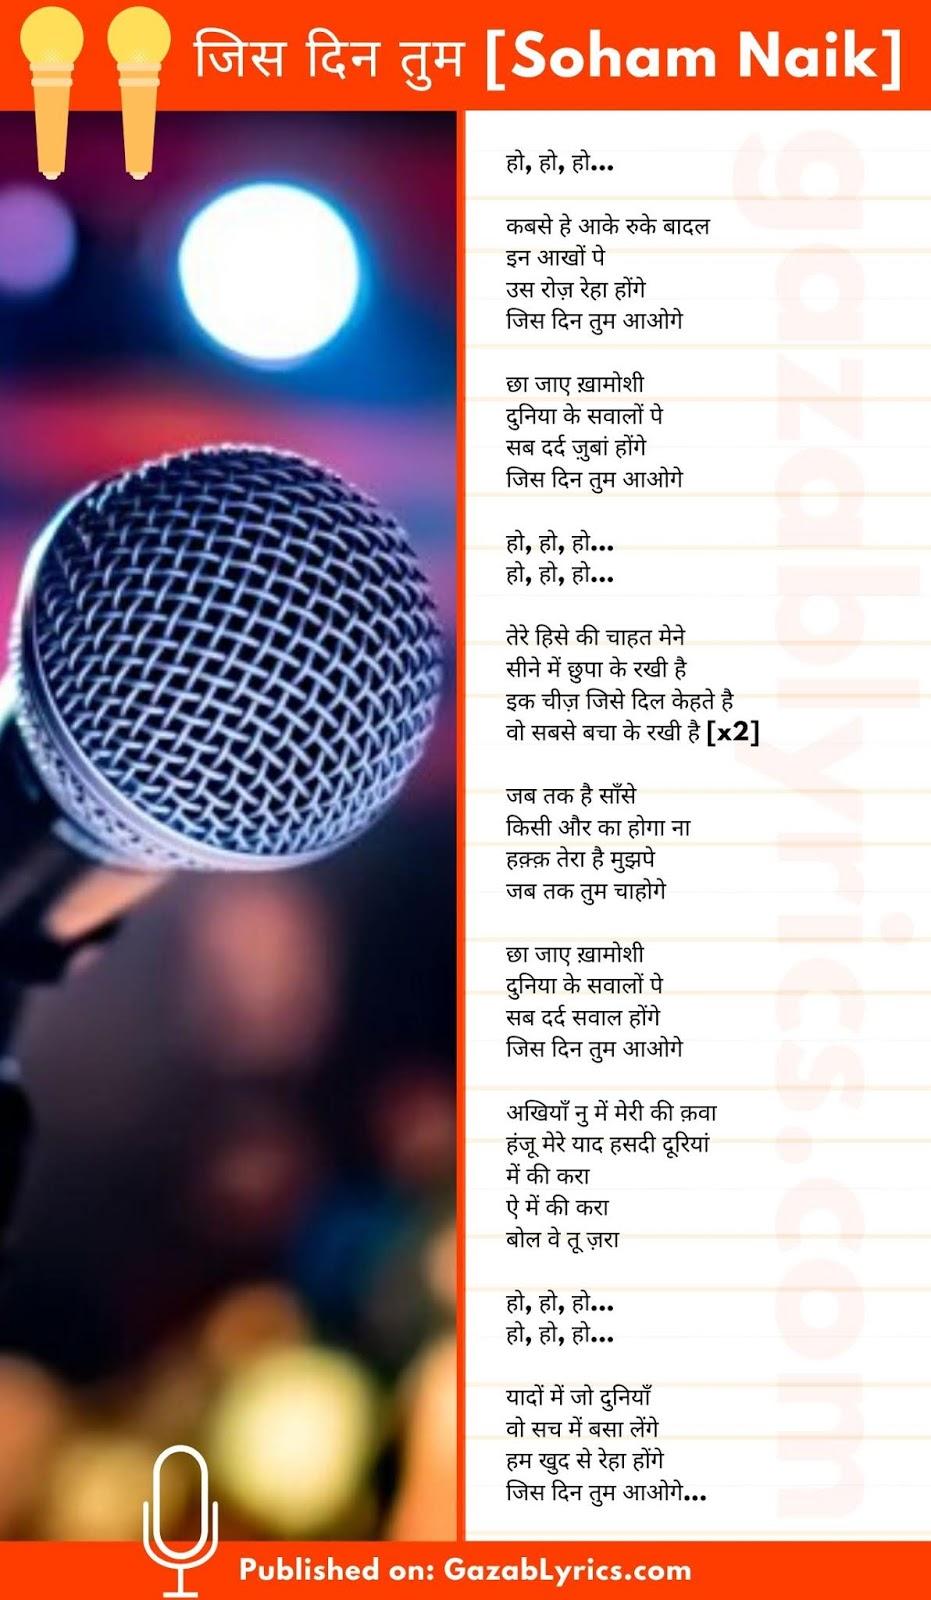 Jis Din Tum song lyrics image